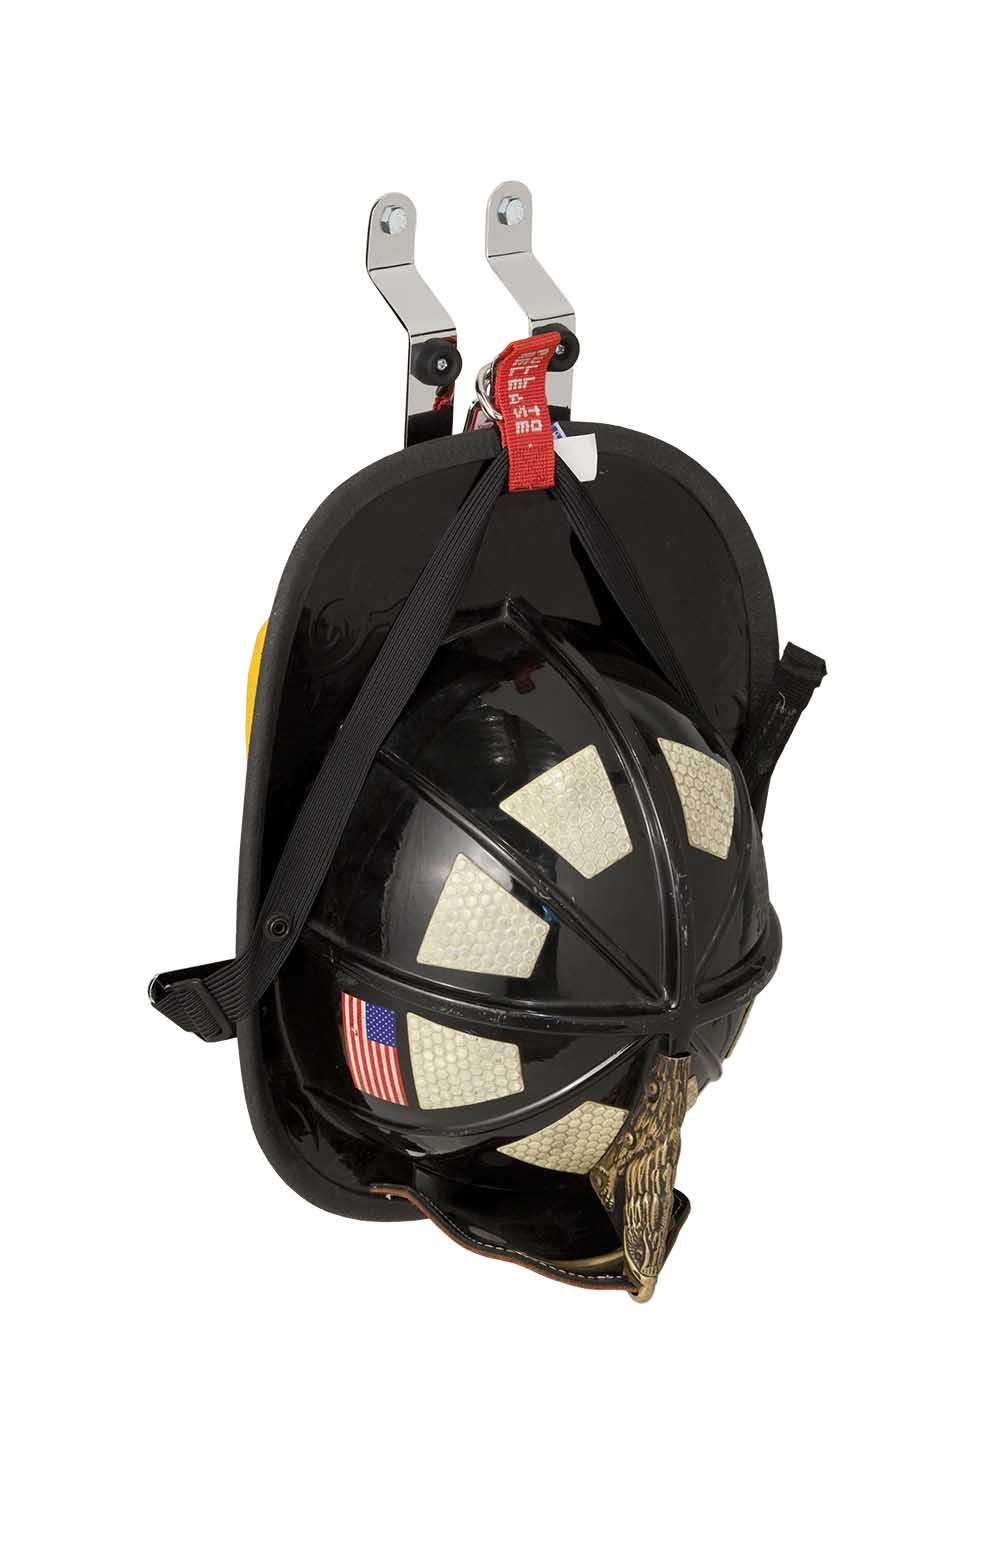 UHH-2-C With-Helmet